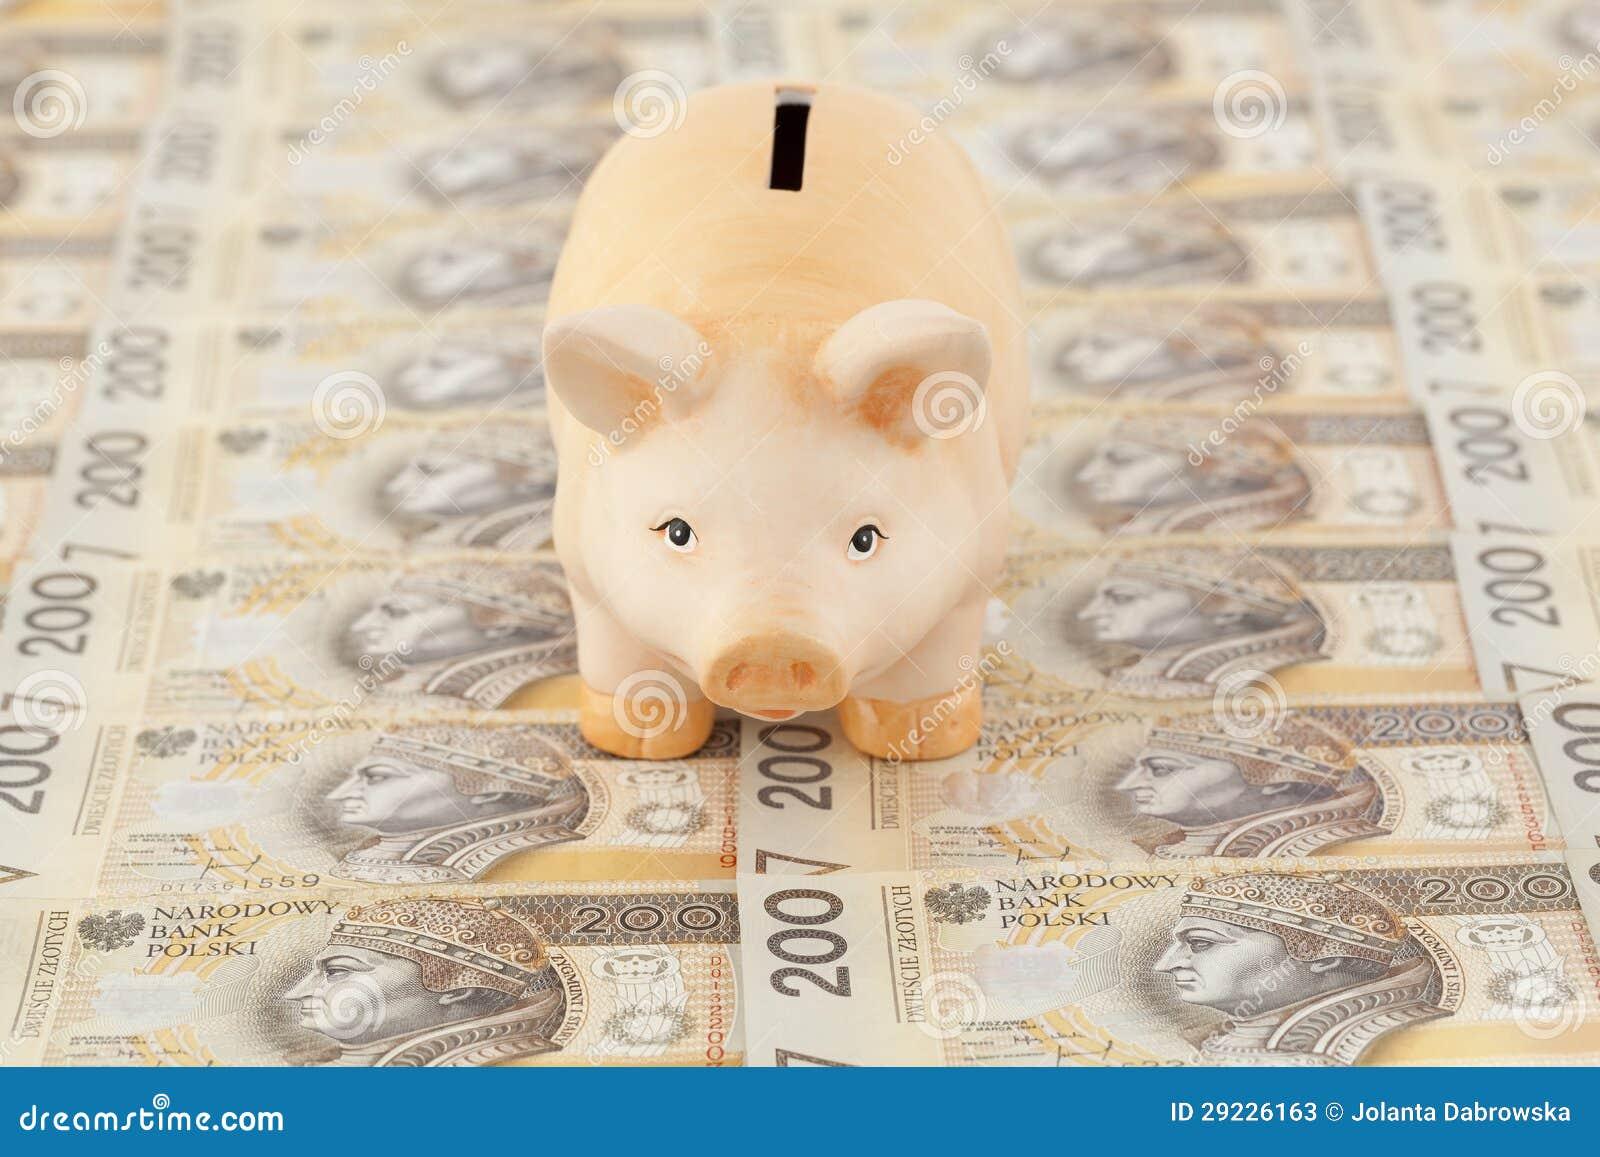 Download Leitão com dinheiro imagem de stock. Imagem de brinquedos - 29226163